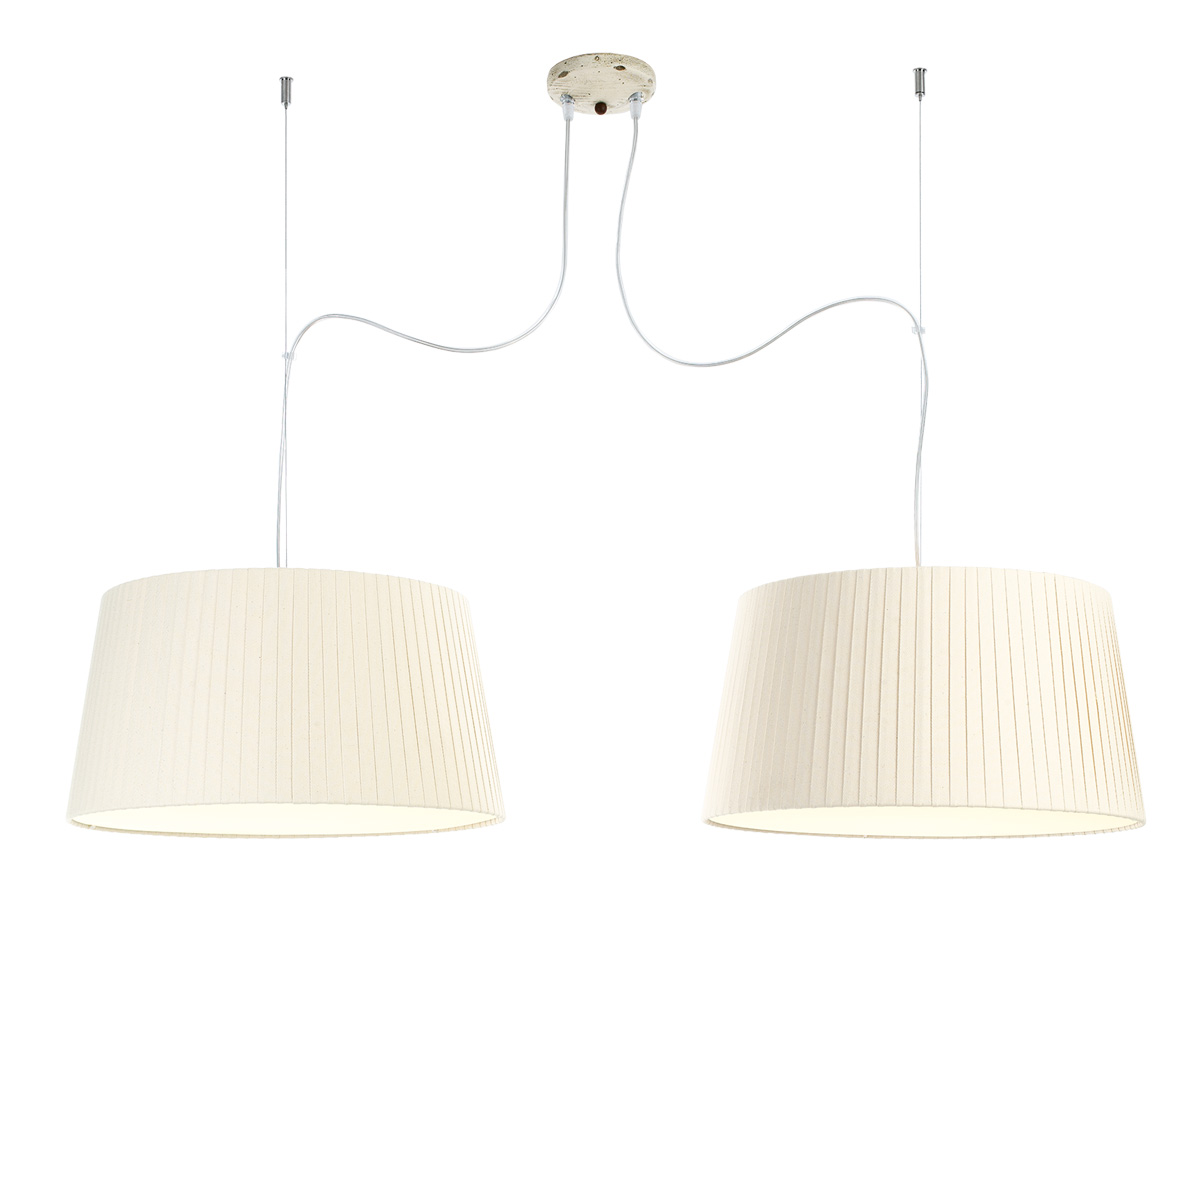 Δίφωτο φωτιστικό TURN RUSTICO hanging lamp